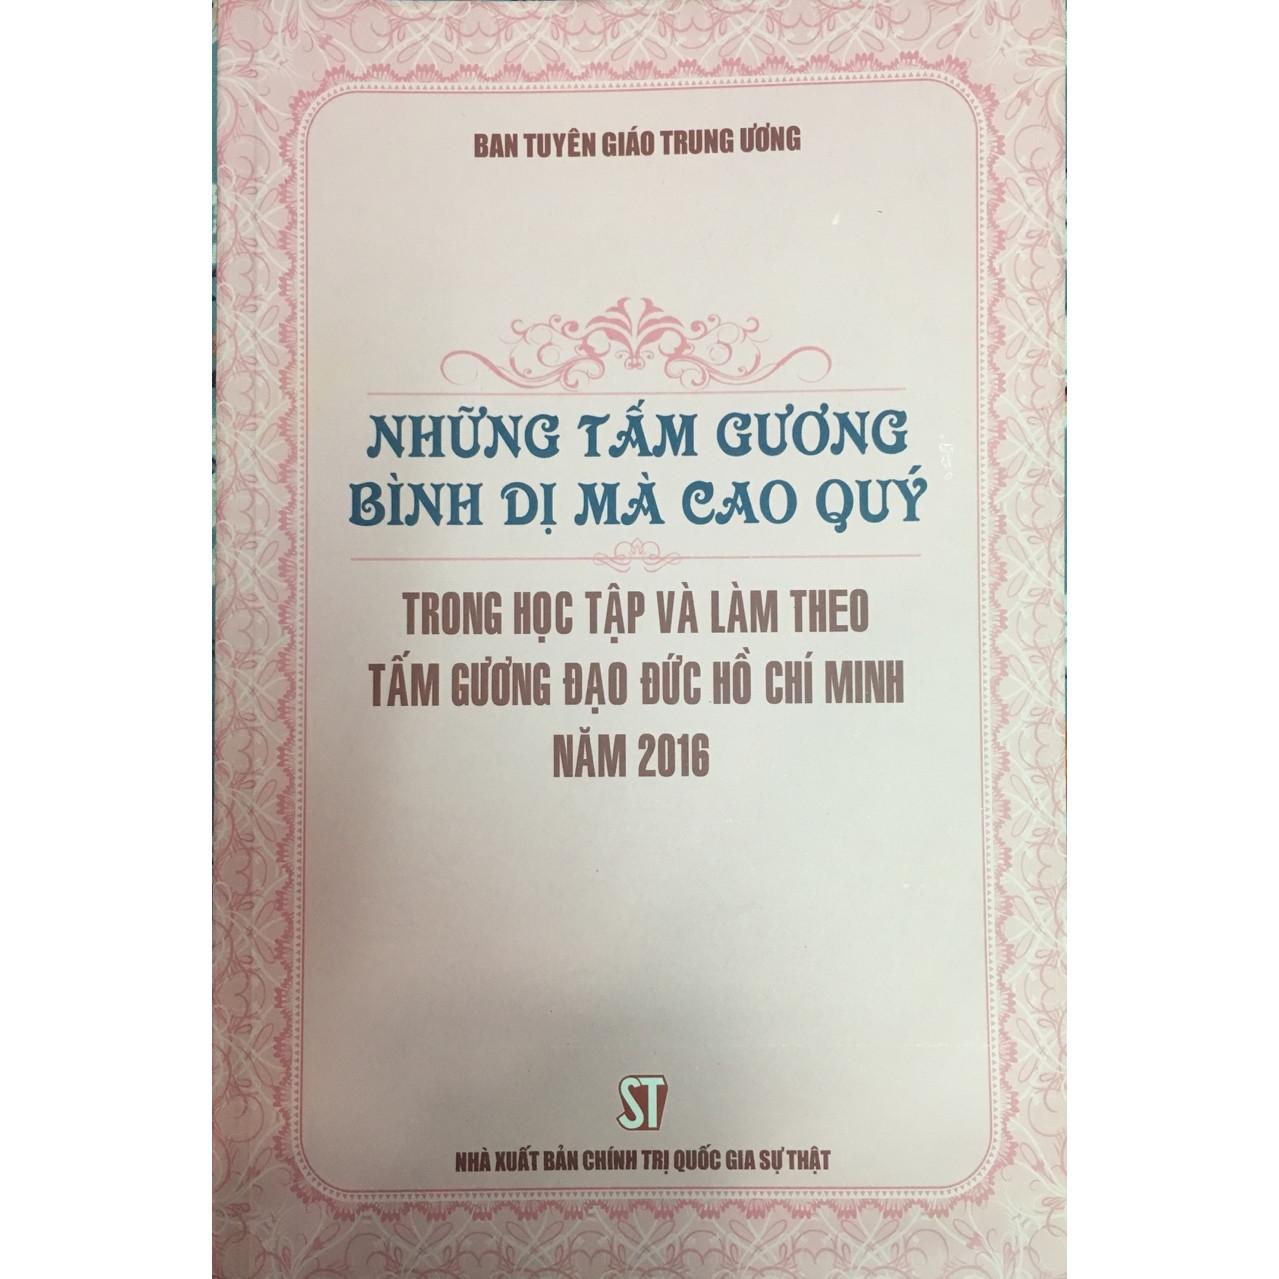 Sách Những Tấm Gương Bình Di Mà Cao Quý Trong Học Tập Và Làm Theo Tấm Gương Đạo Đức Hồ Chí Minh Năm 2016